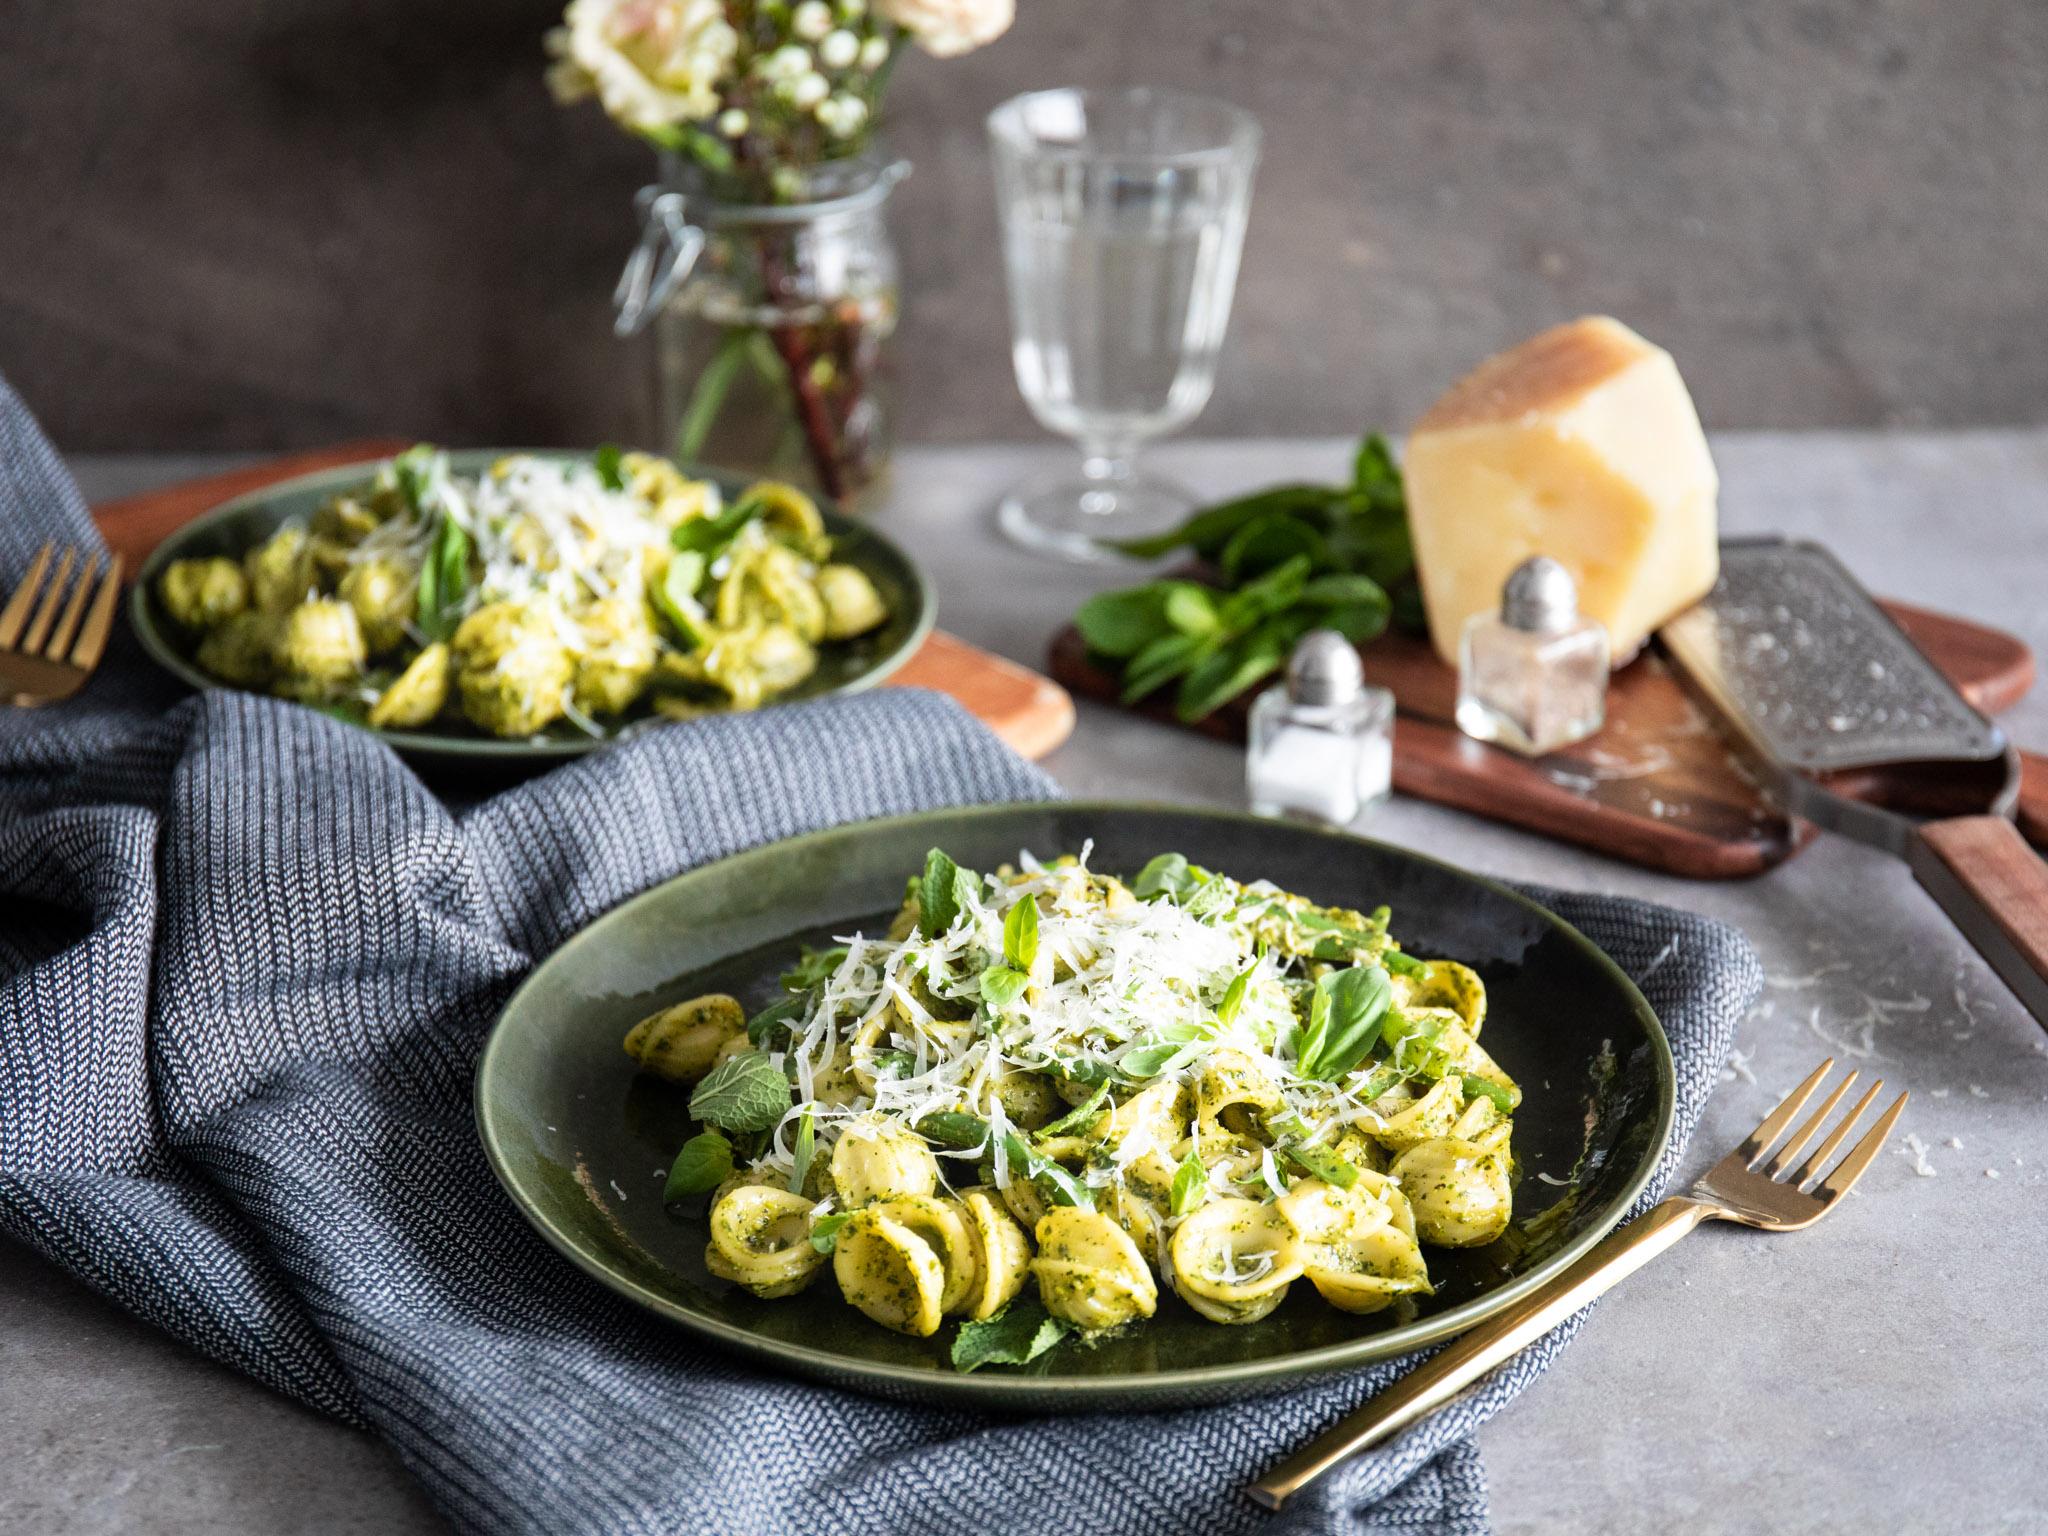 Orecchiette with pistachio pesto | Watch our recipe video